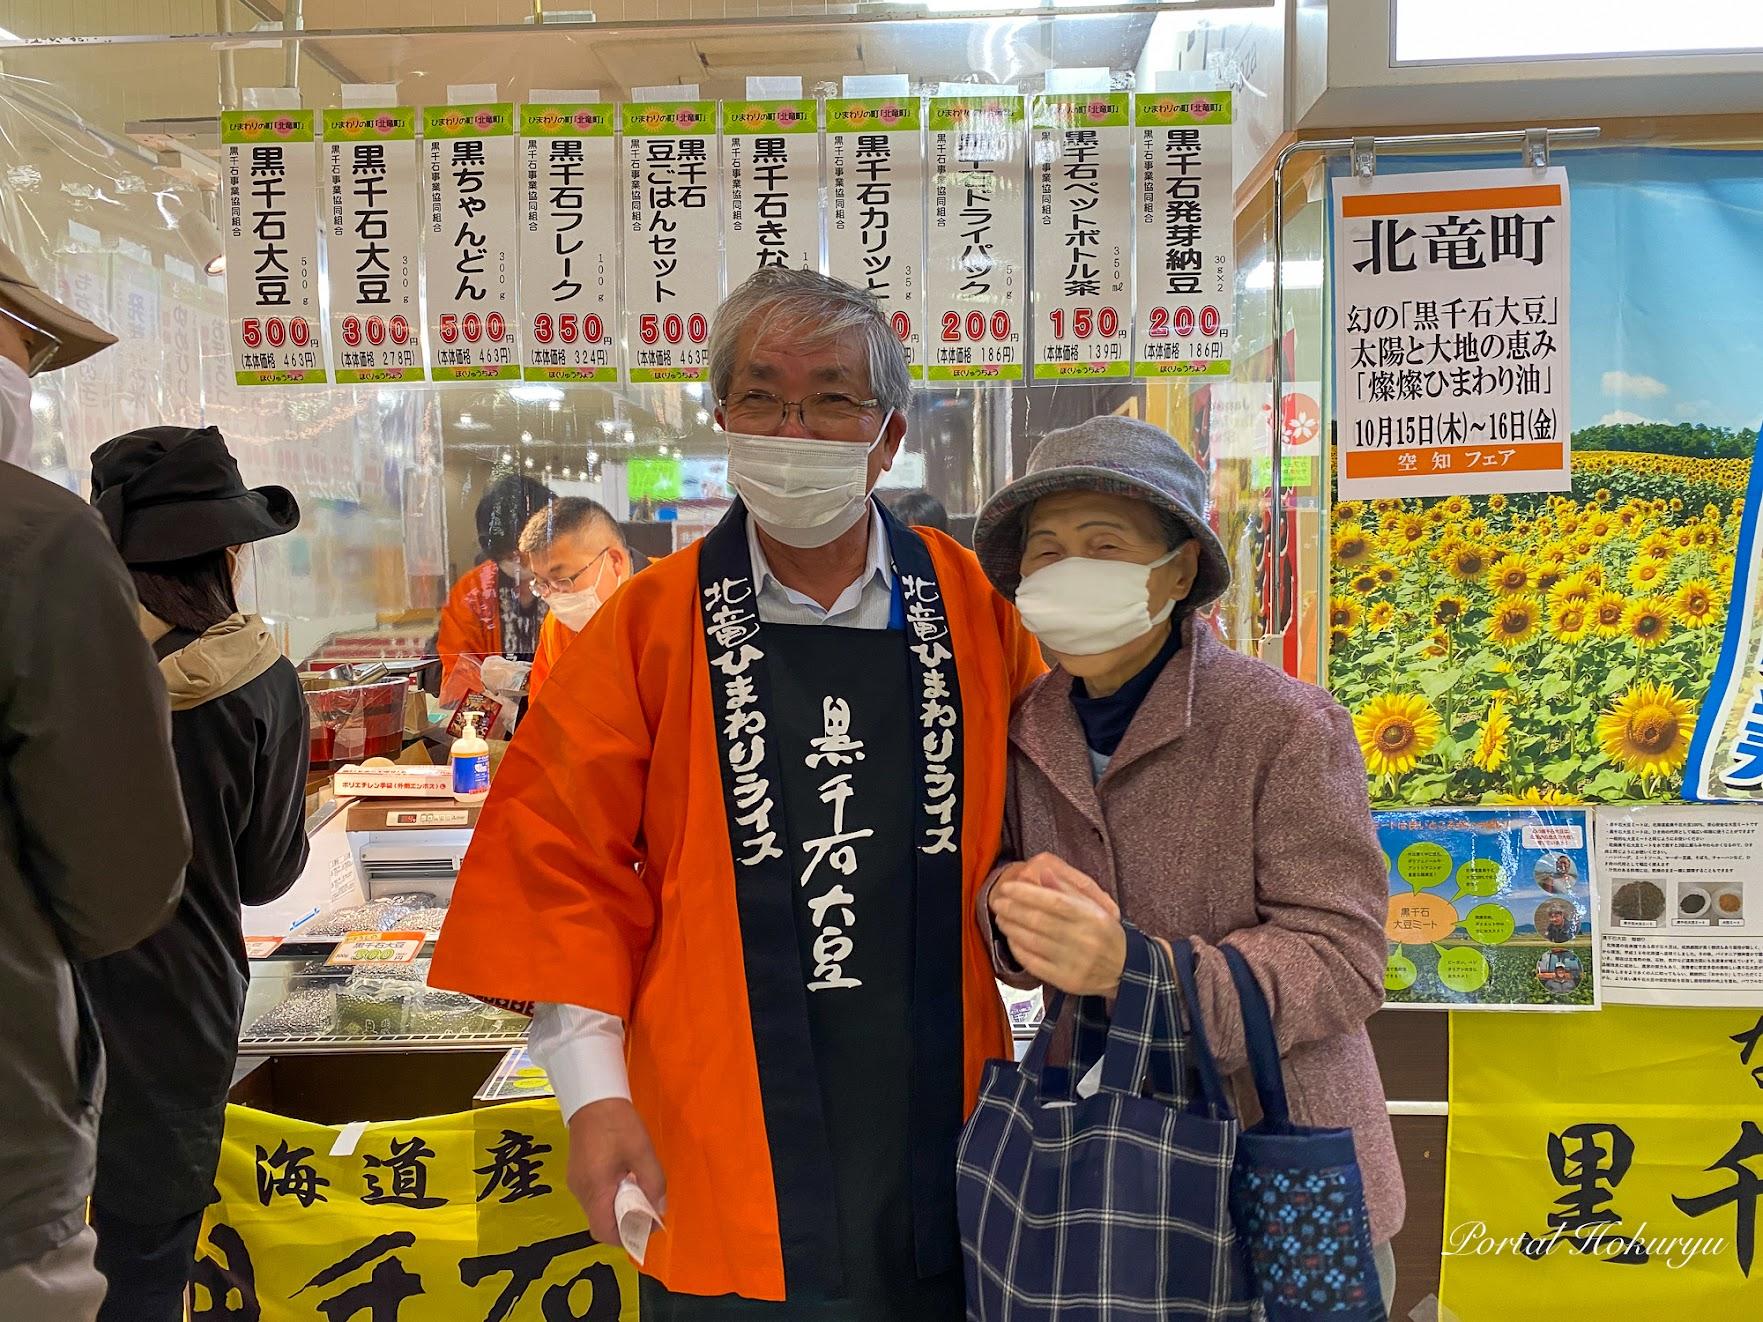 元北竜農協組合長・後藤三男八氏の娘さん「伊藤淑子」さん(88歳)